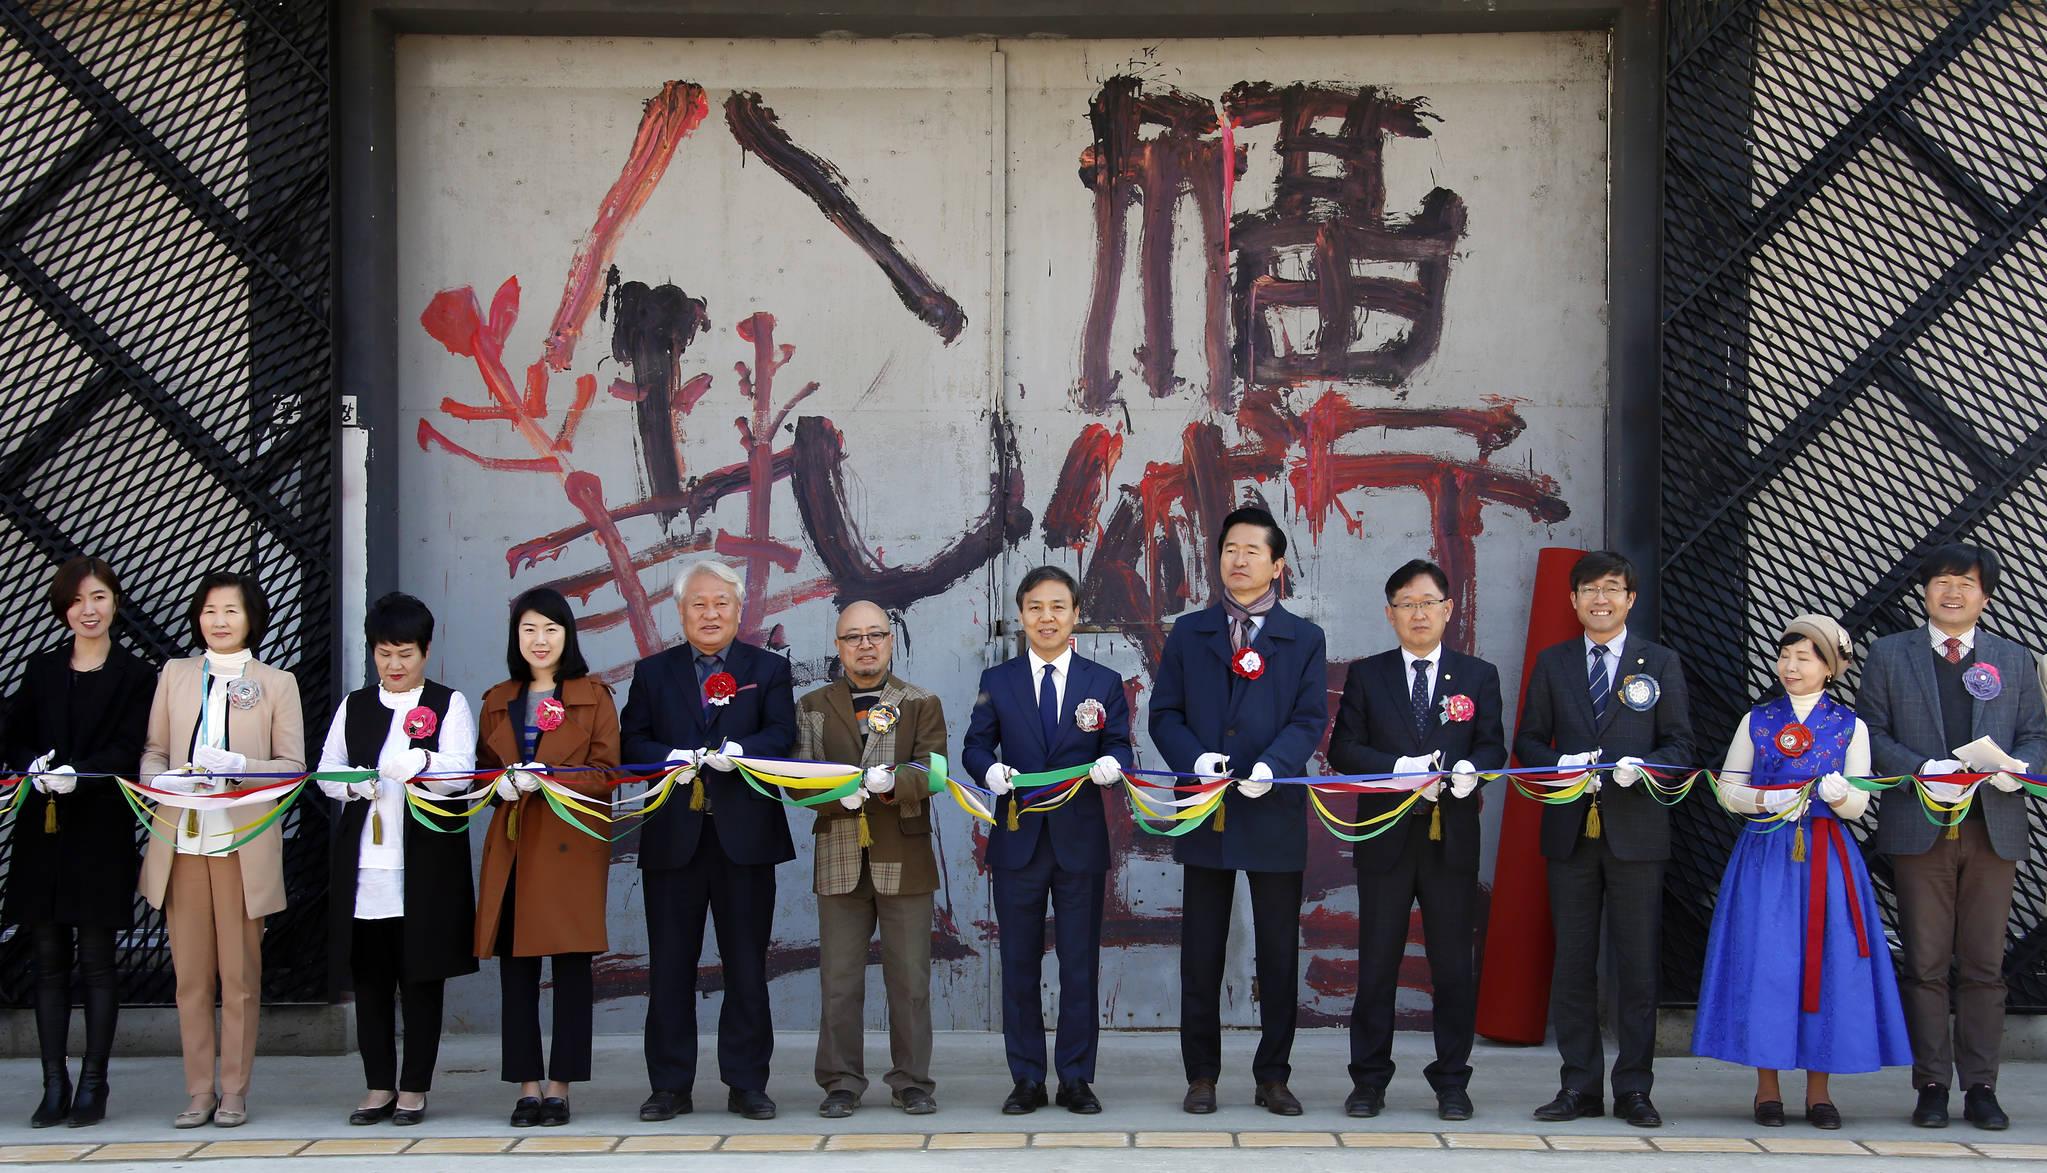 지난 23일 팔복예술공장 개관식에서 김승수 전주시장(가운데) 등 참석자들이 테이프 커팅을 하고 있다. [사진 전주시]